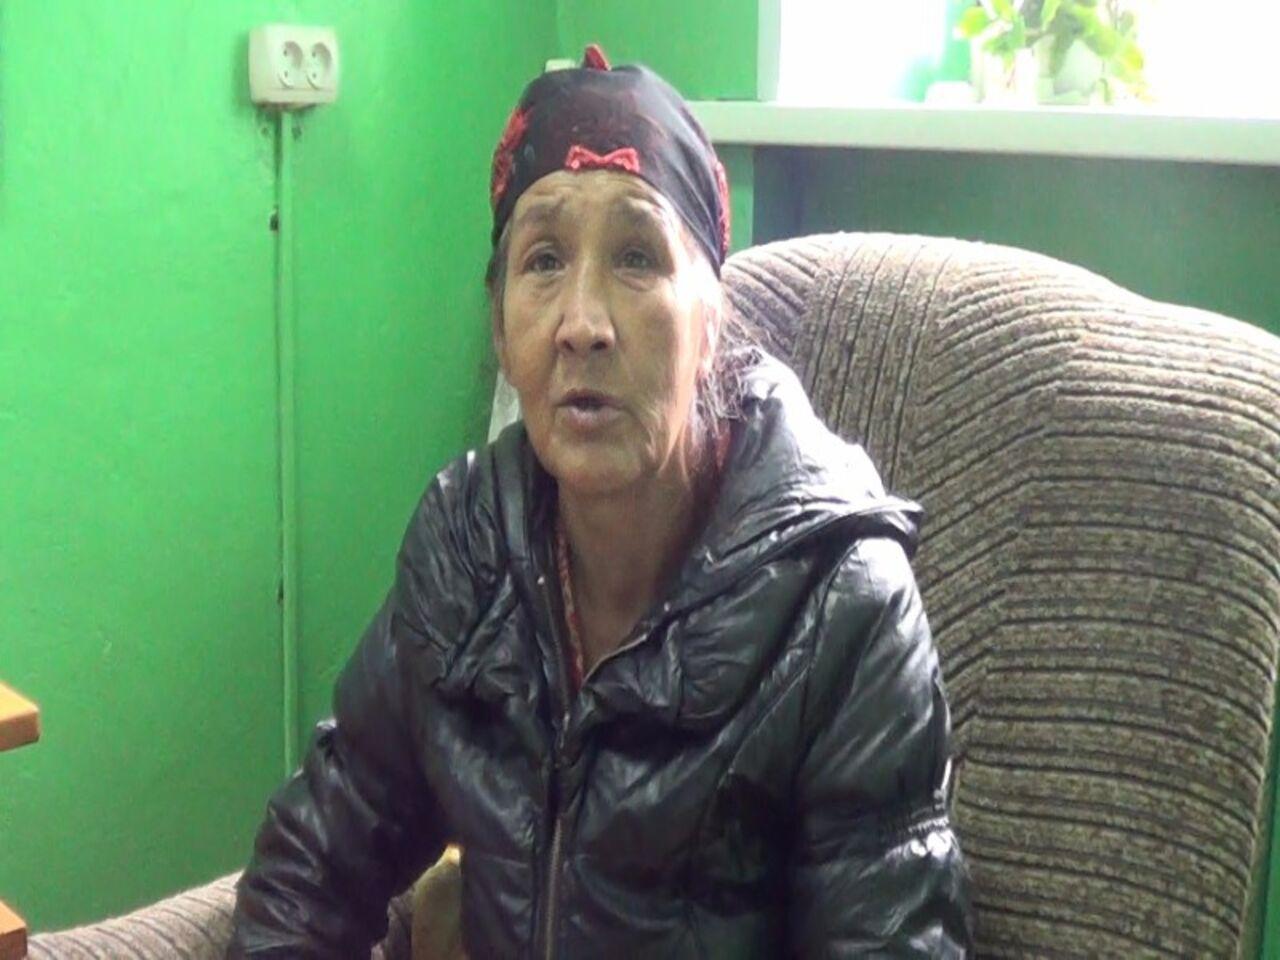 ВКемеровской области цыганка обманула пенсионерку на185 000 руб.